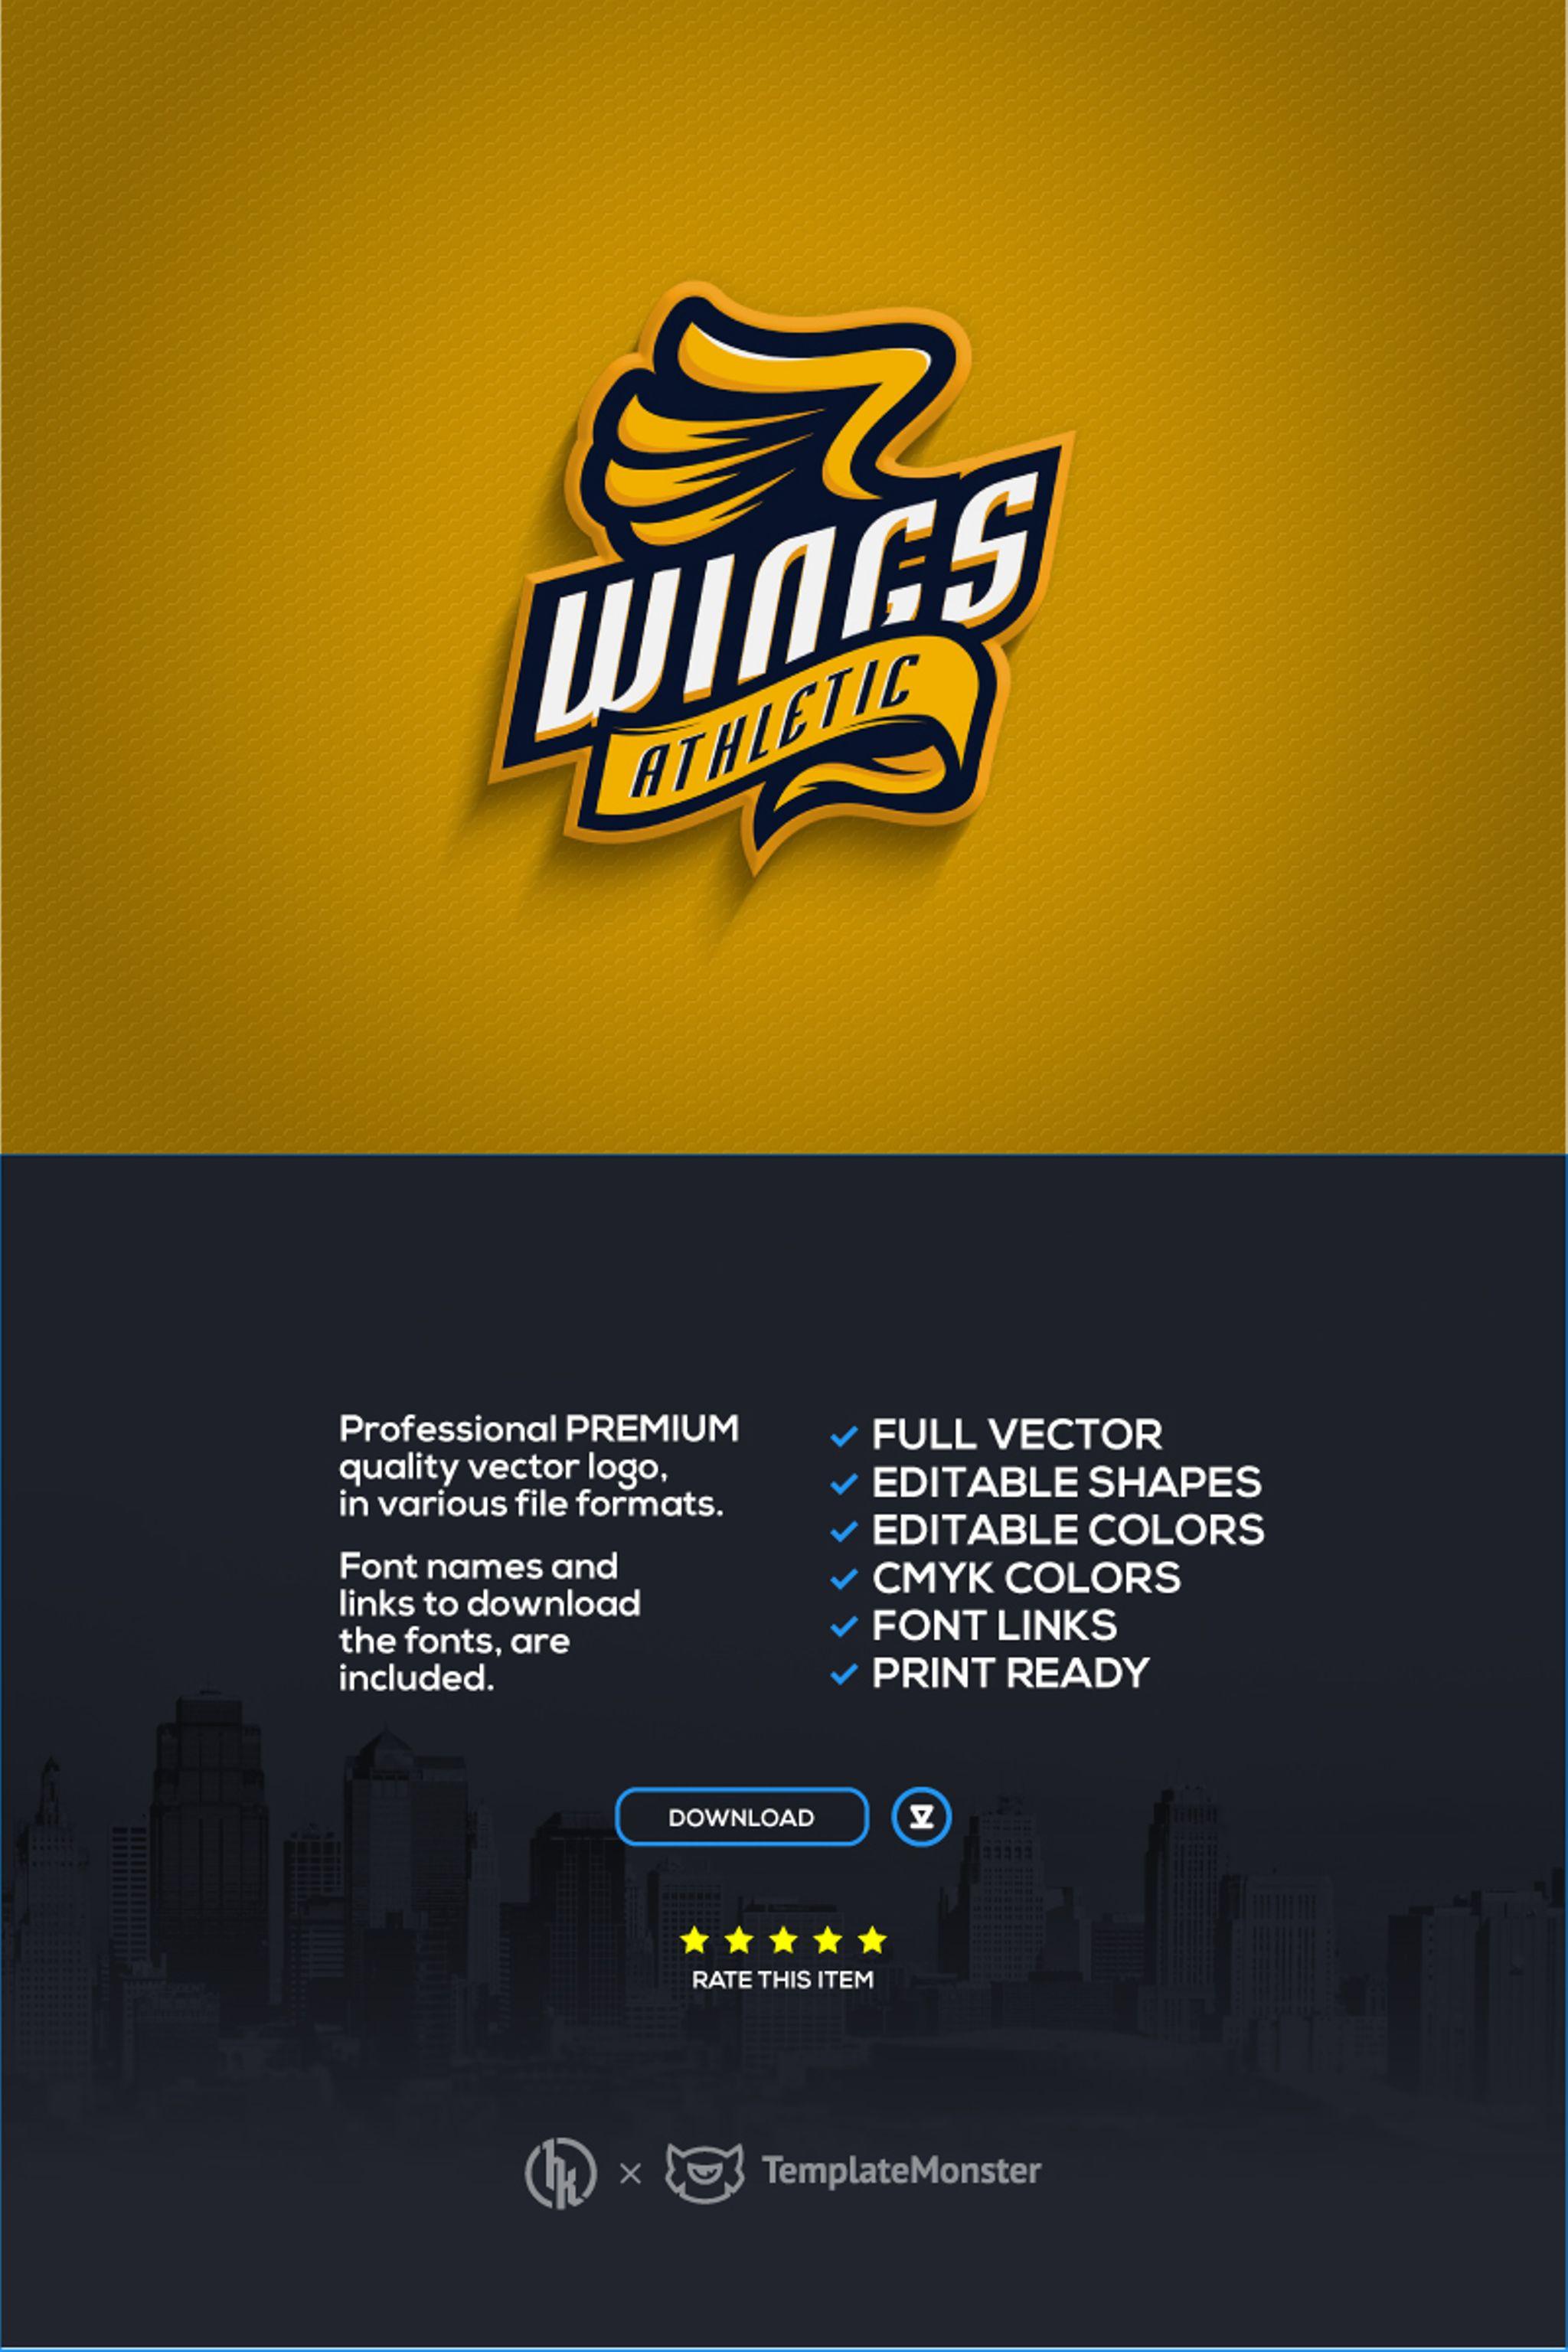 """Template di Loghi #67198 """"Wings Athletic"""""""